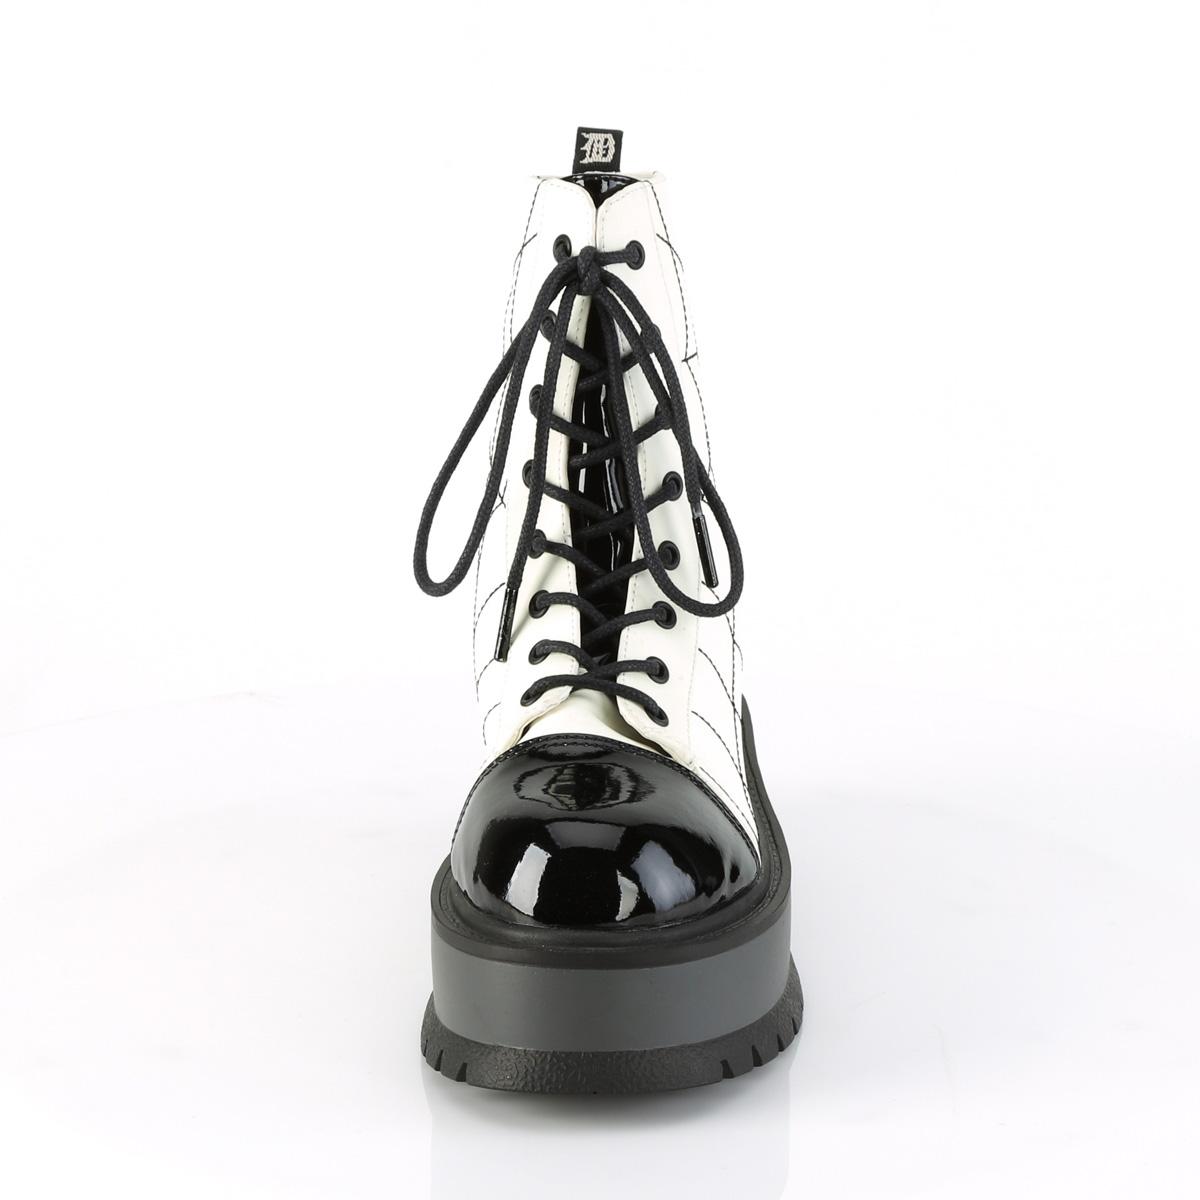 Demonia(デモニア) SLACKER-88 蜘蛛の巣模様 スパイダーウェブ ショートブーツ ホワイトグロウ/エナメル黒◆取り寄せ